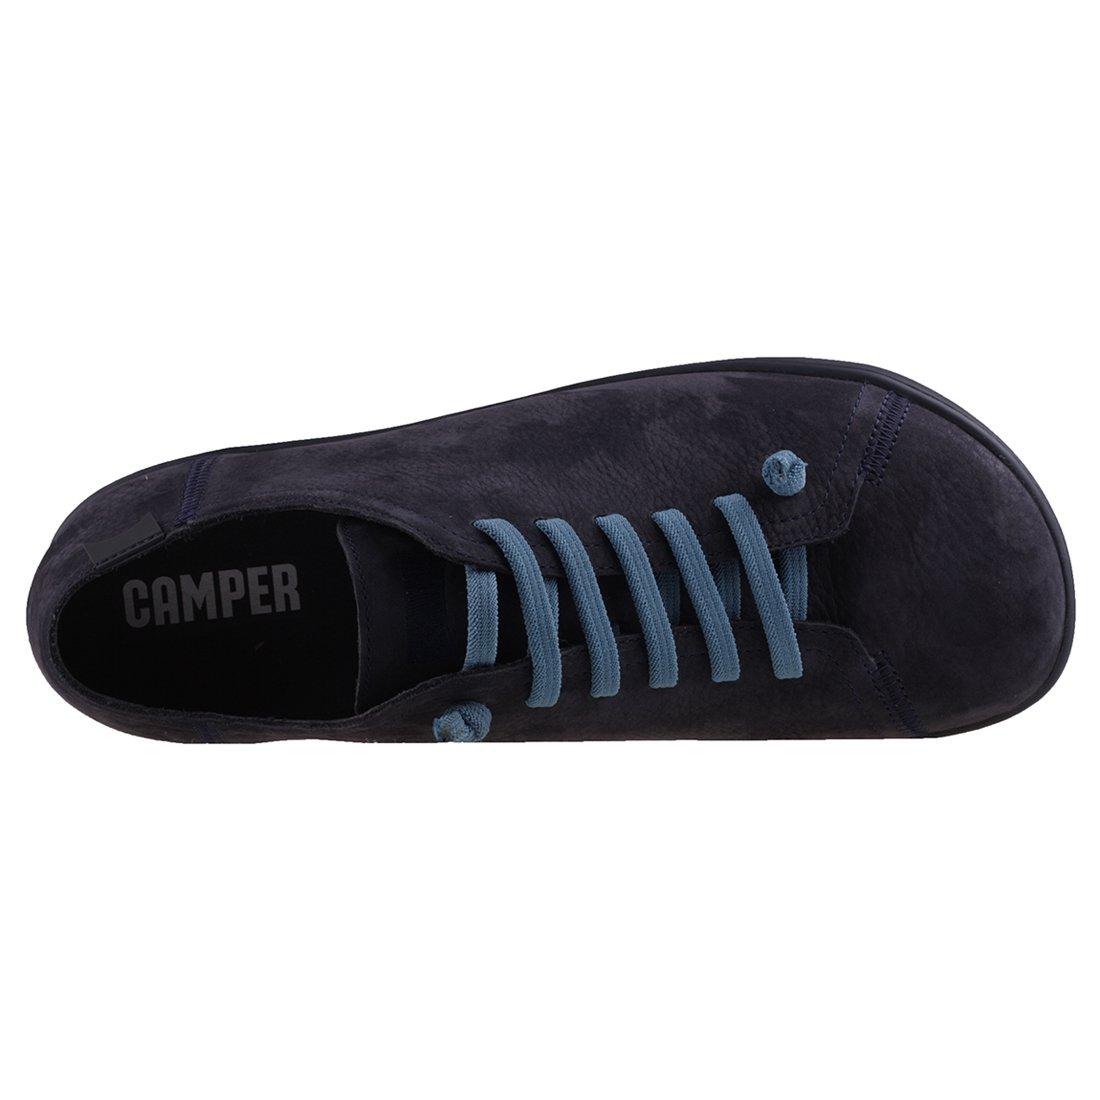 CAMPER, COFLUSA S.A.U Peu Cami Cami Cami Blau 2a2622